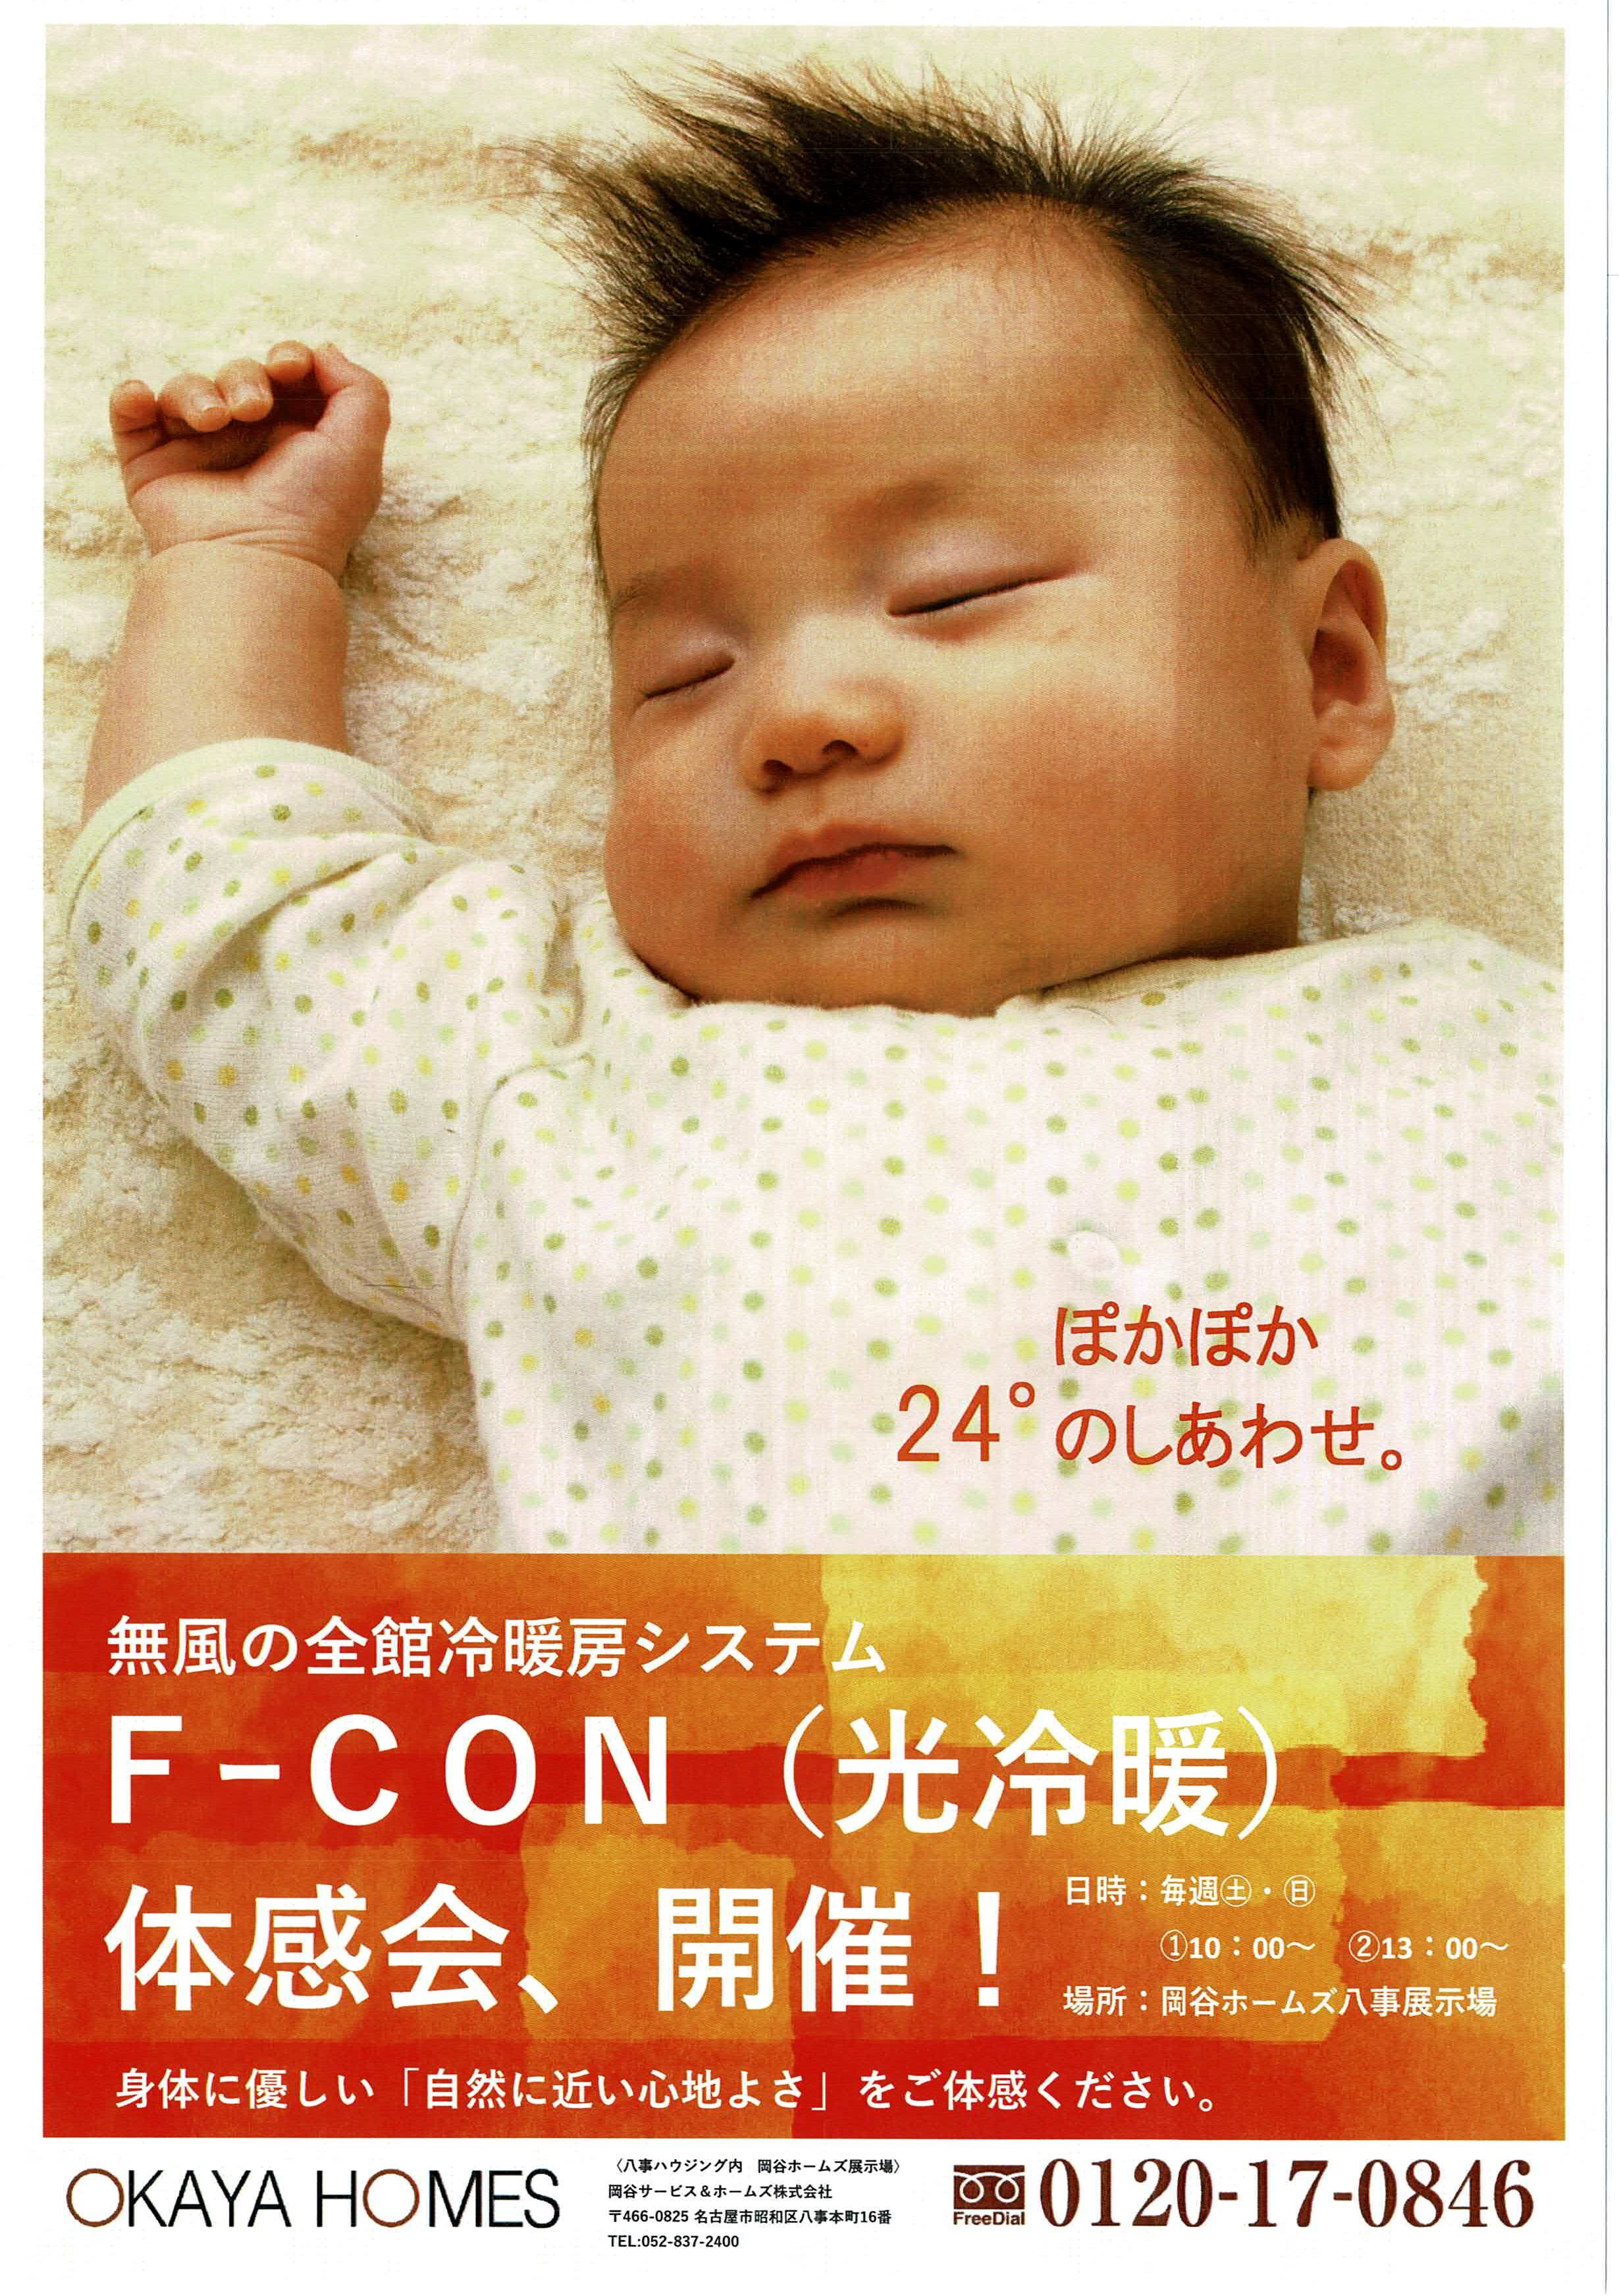 F-CON(光冷暖)体感会、開催!